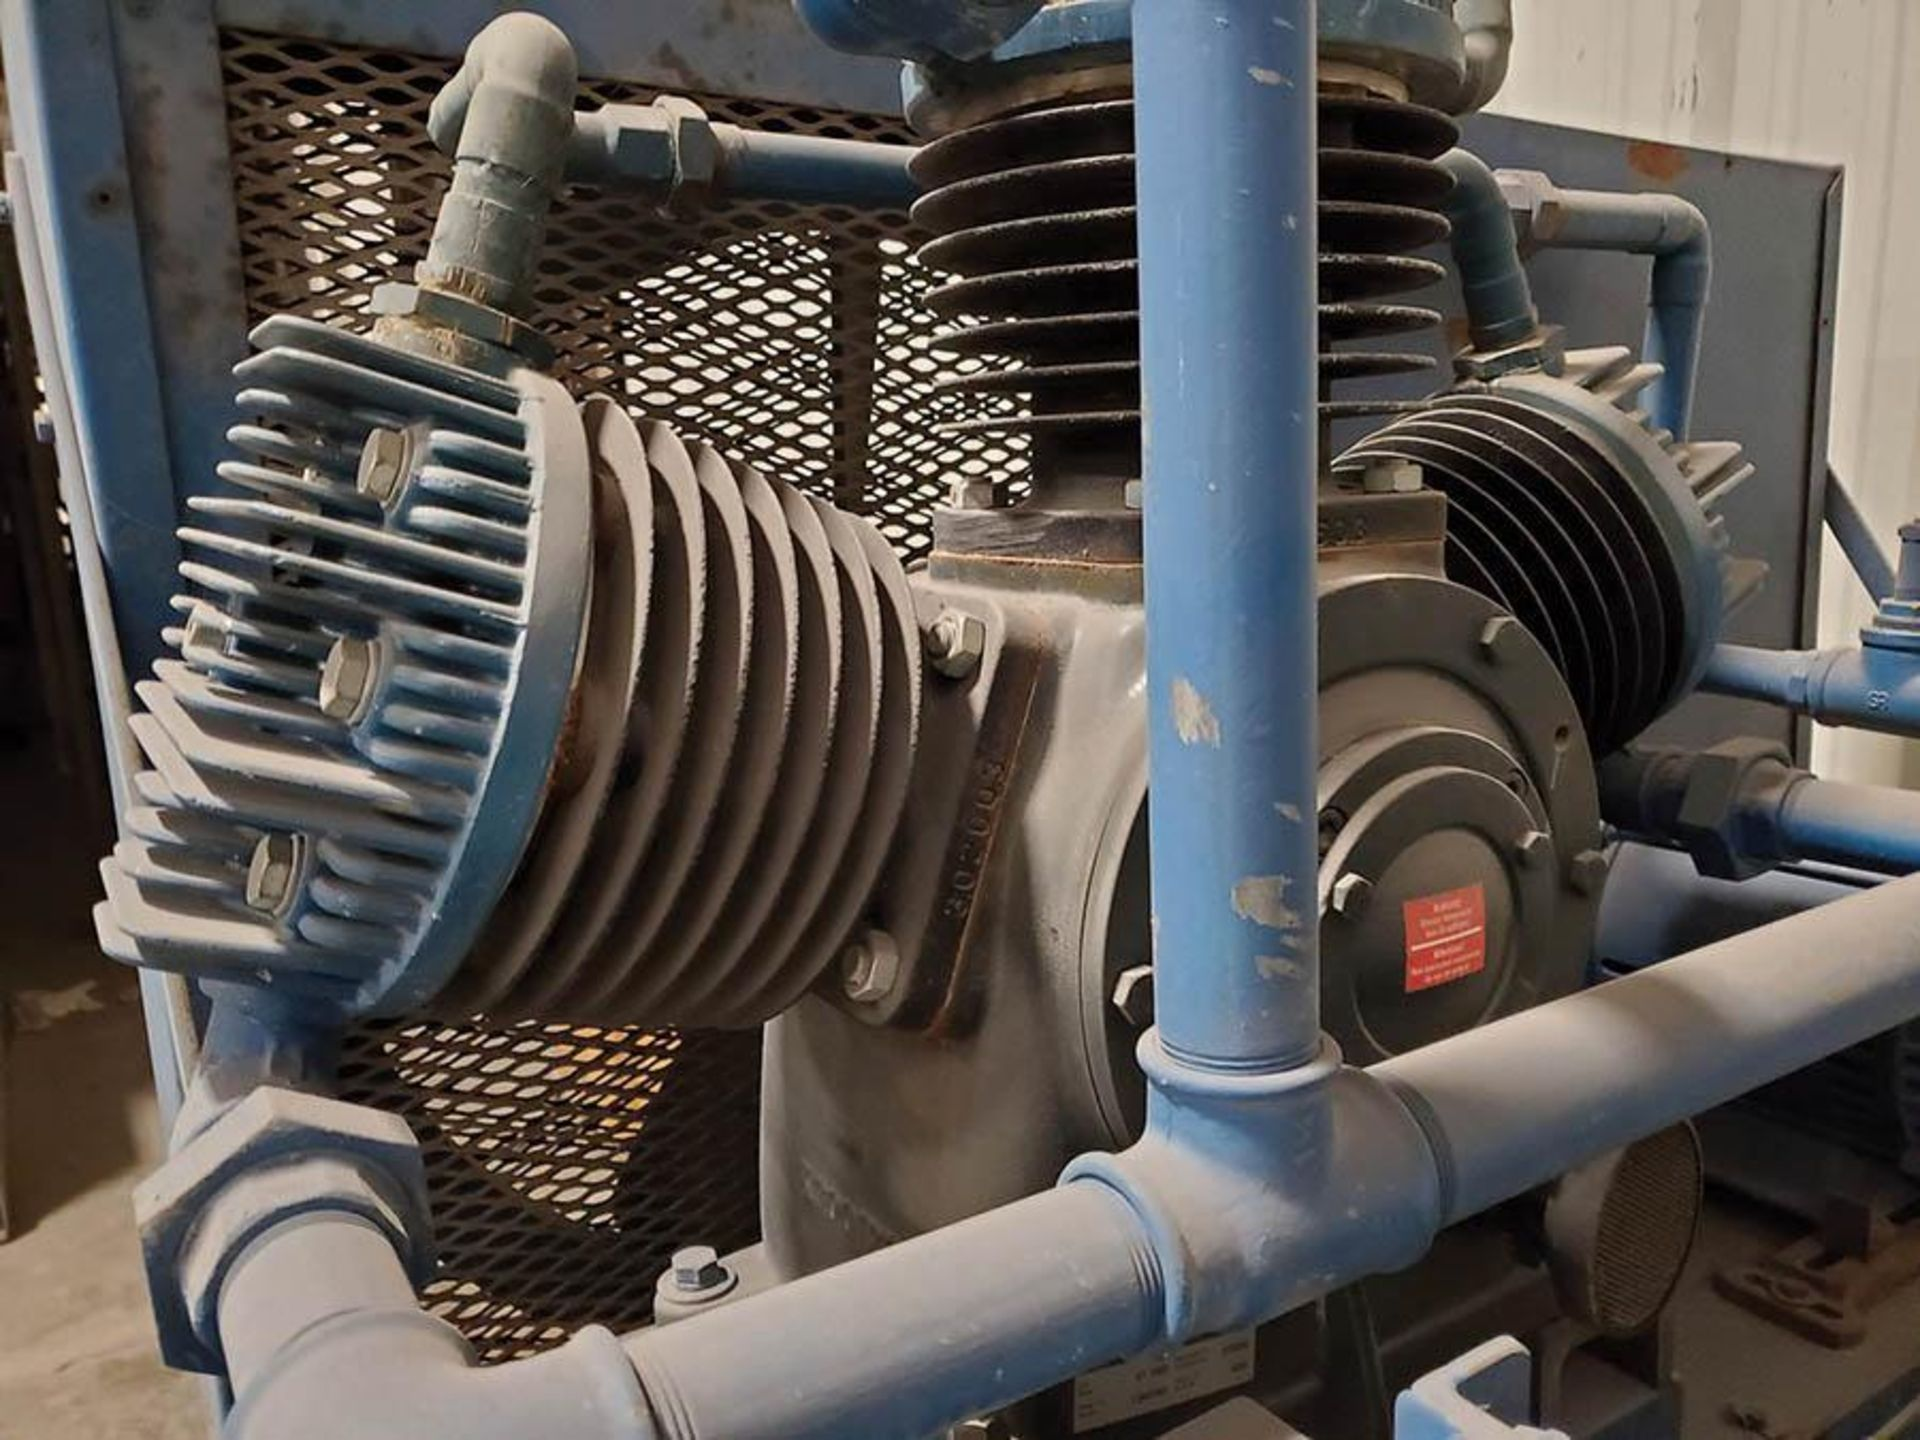 CHEMETRON MEDICAL AIR COMPRESSOR, MODEL 2KT40-10, 10 HP, 6 CYLINDER - Image 4 of 8